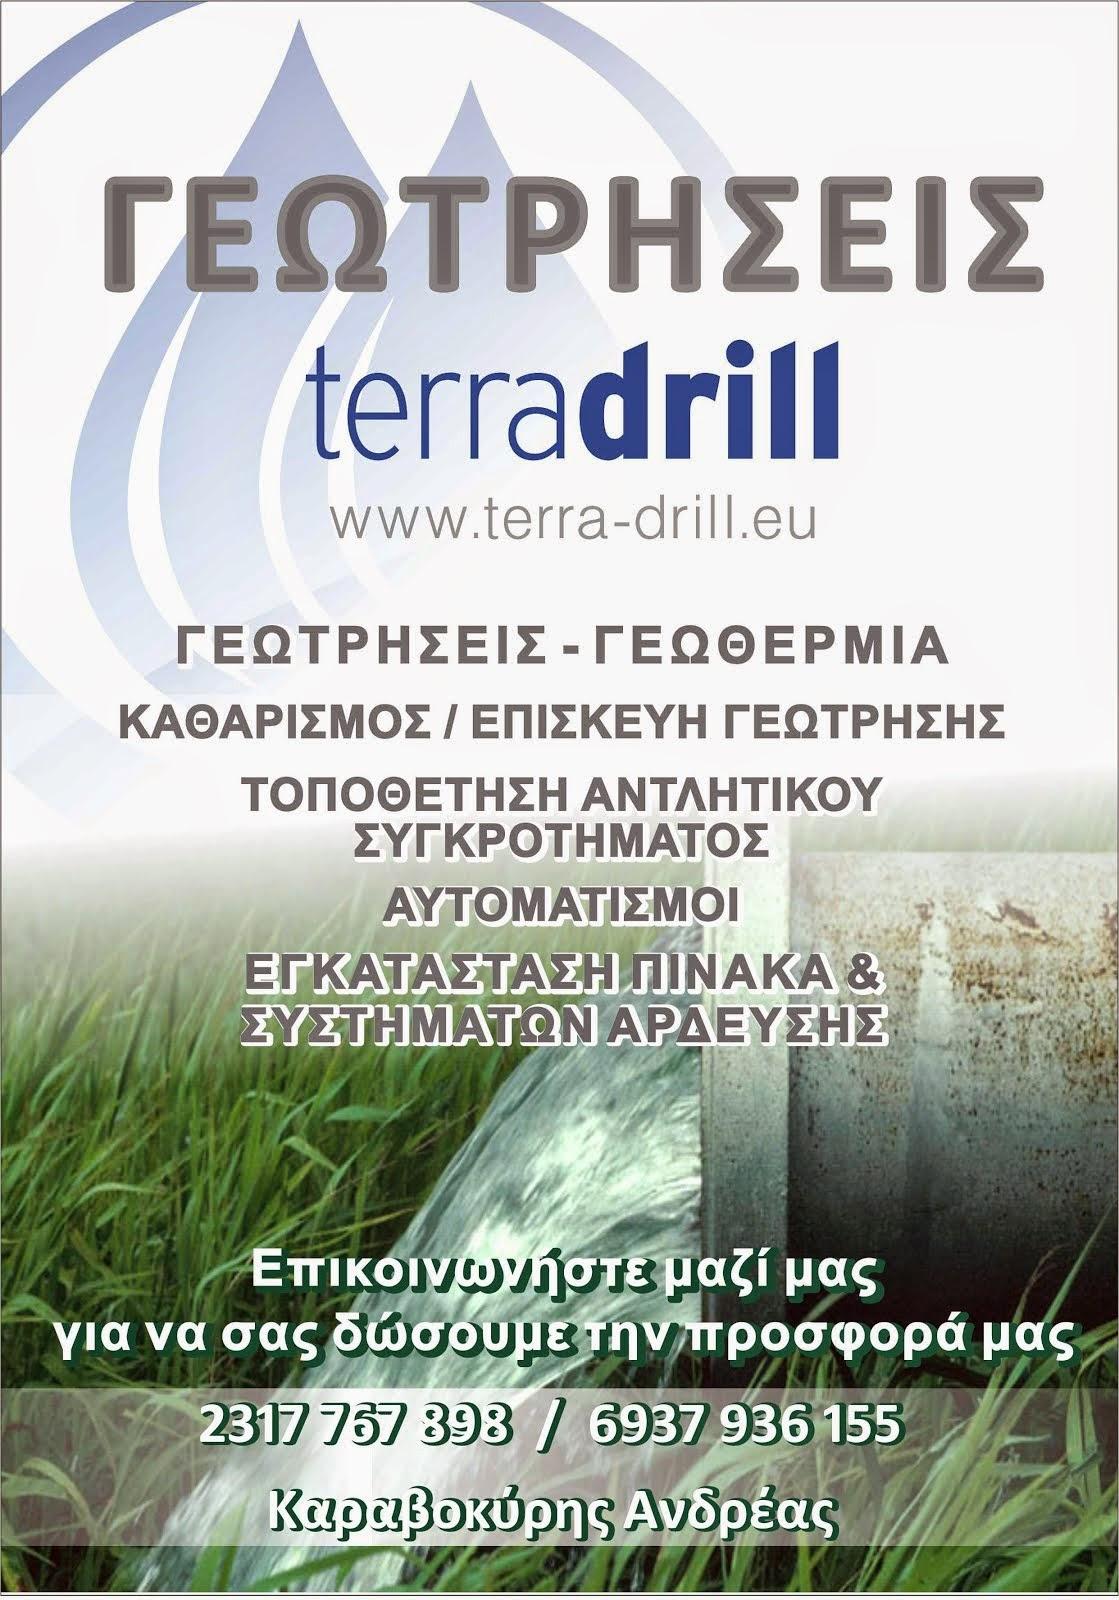 Γεωτρήσεις νερού Θεσσαλονίκη